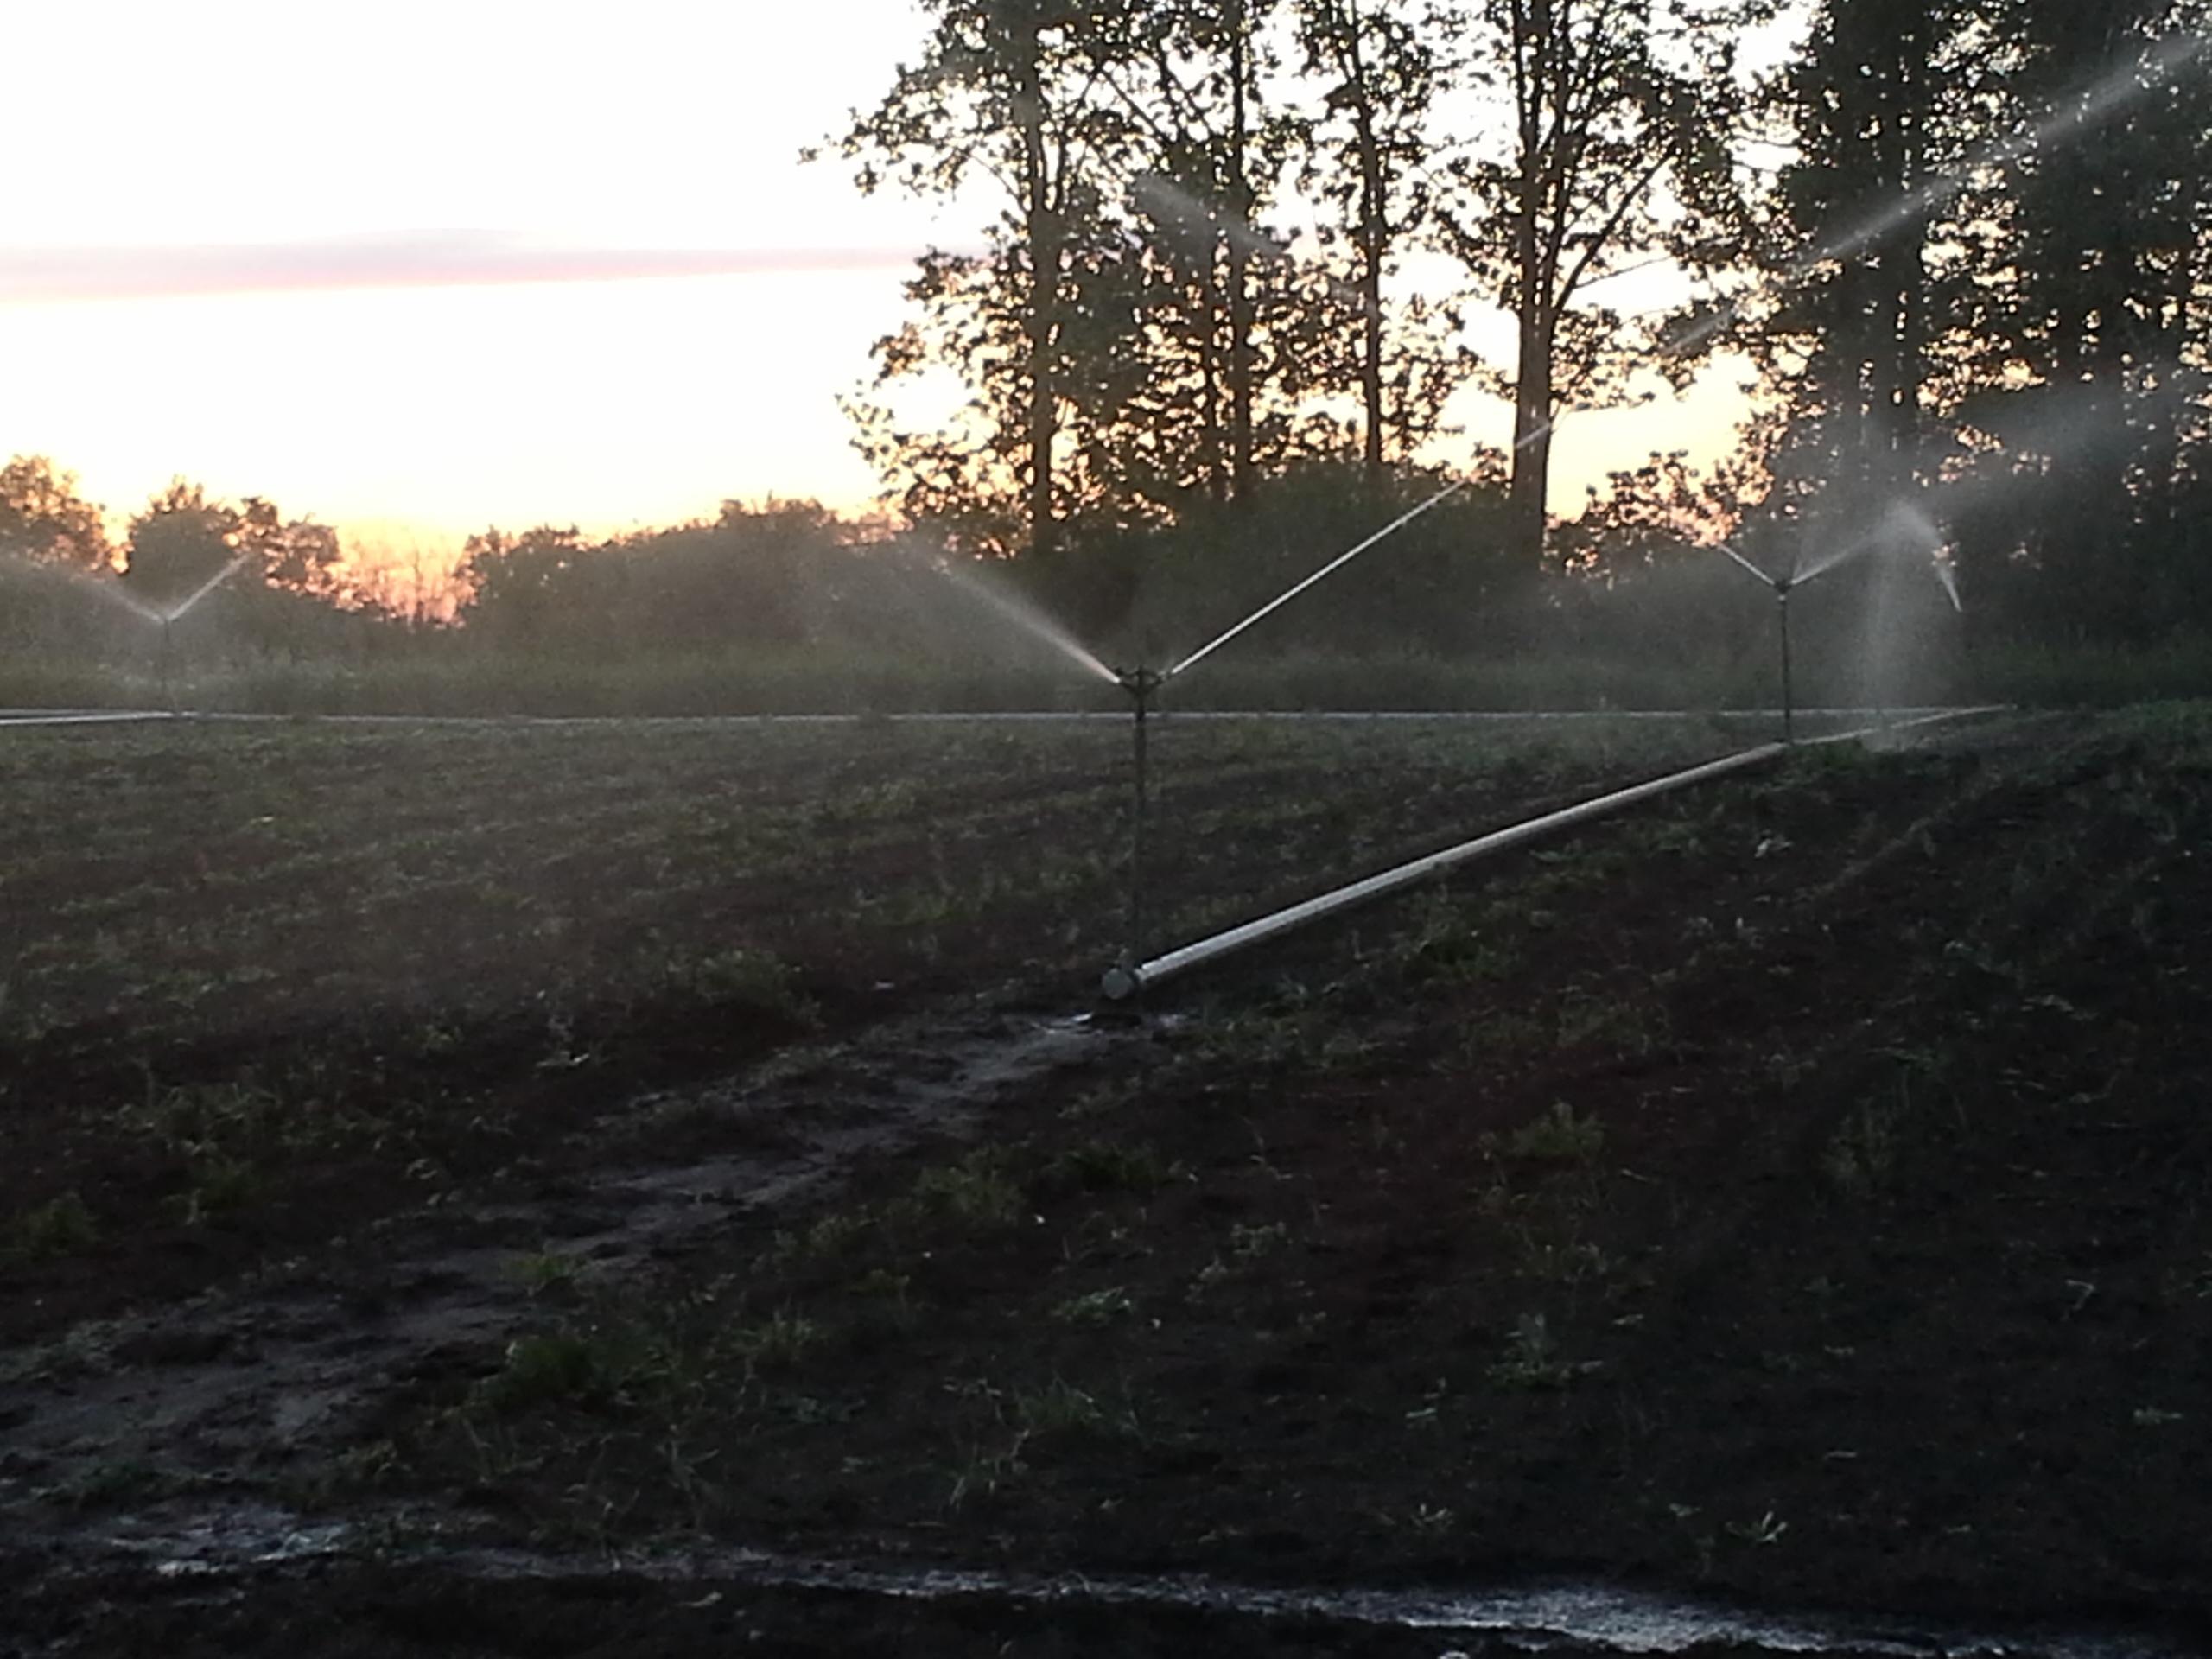 Irrigating at Sunset